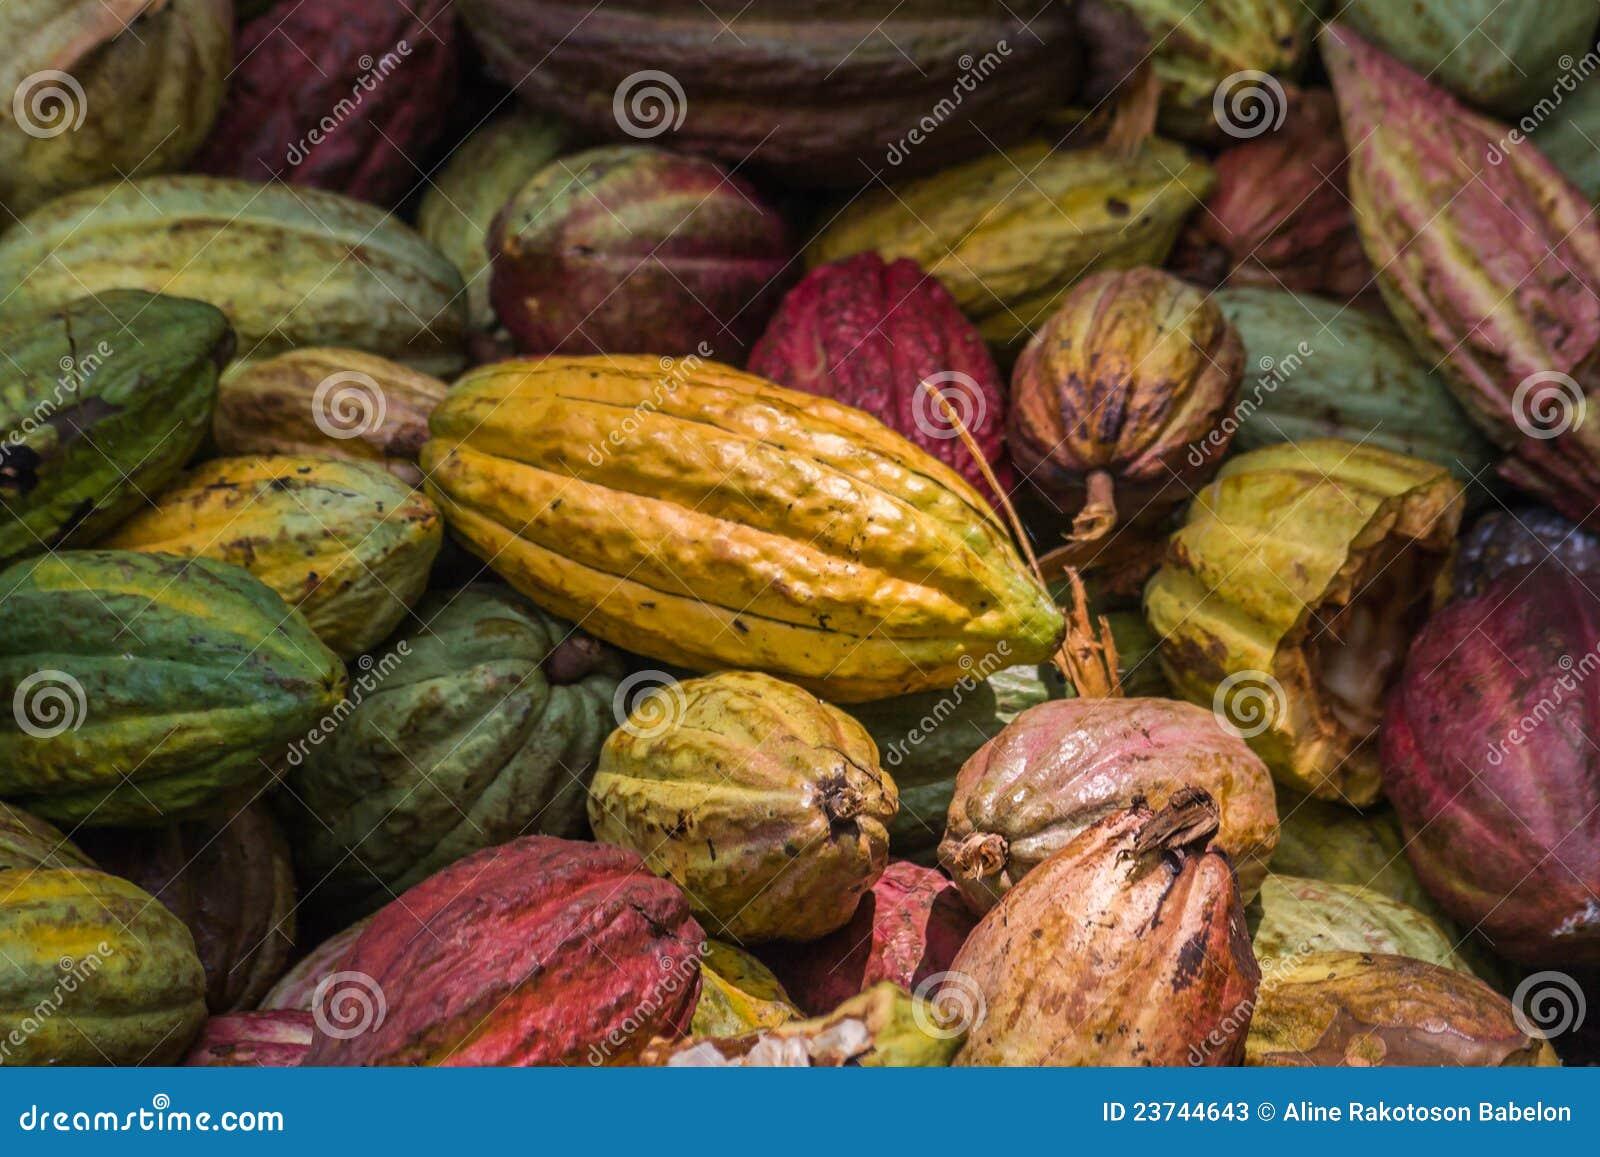 Viele Kakaohülsen